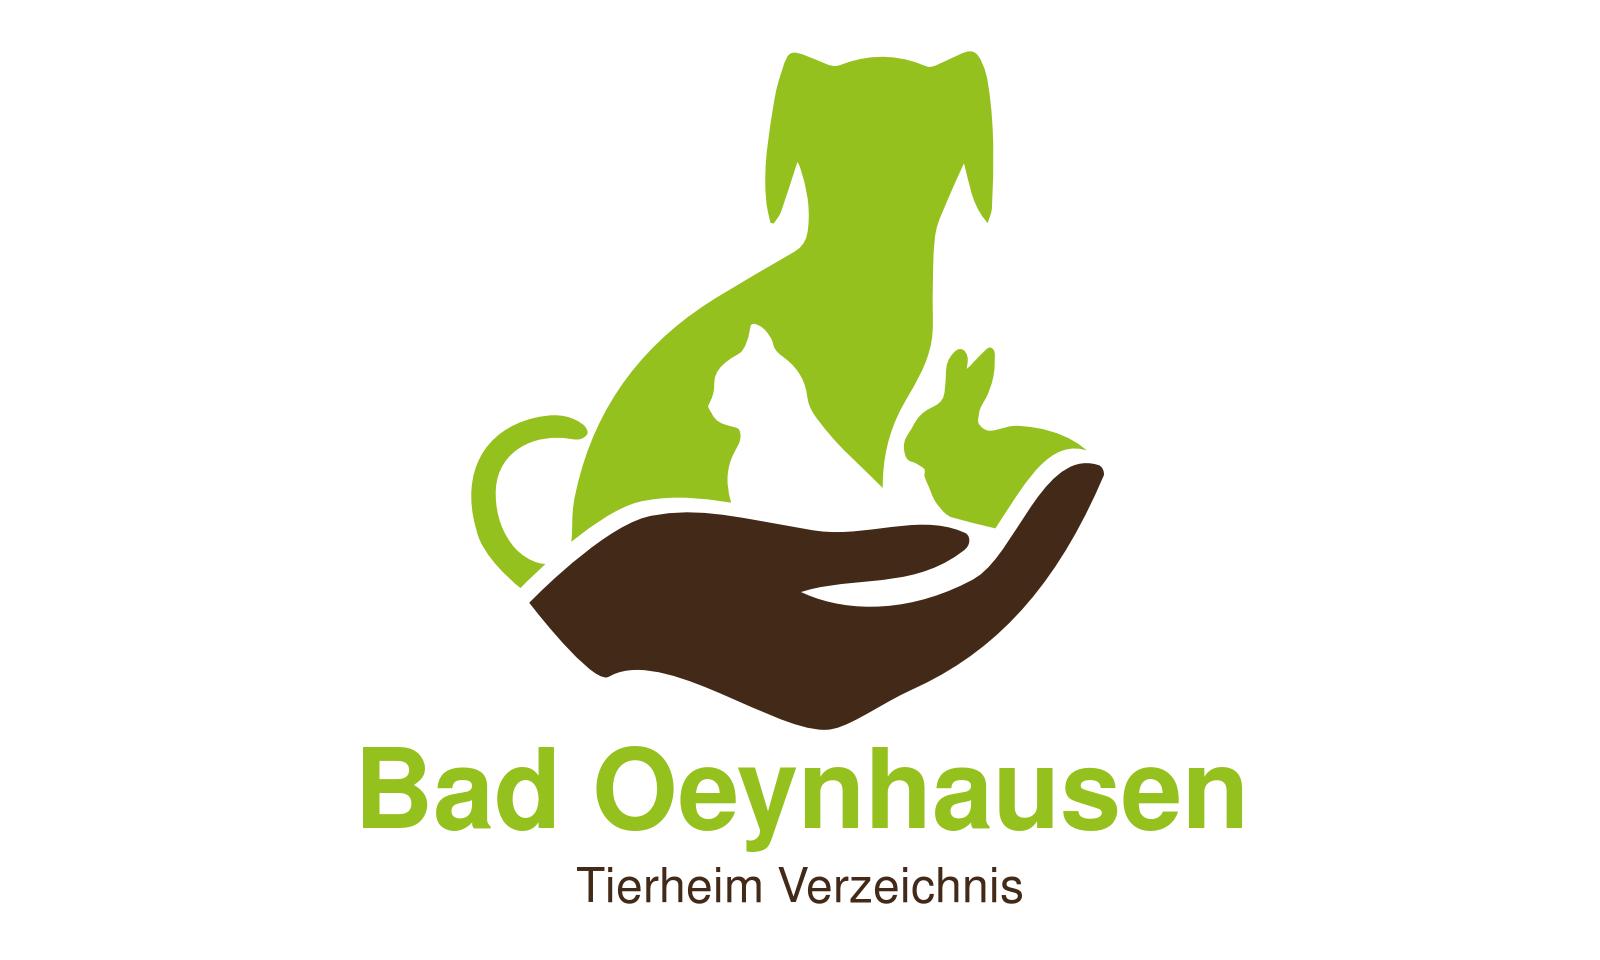 Tierheim Bad Oeynhausen